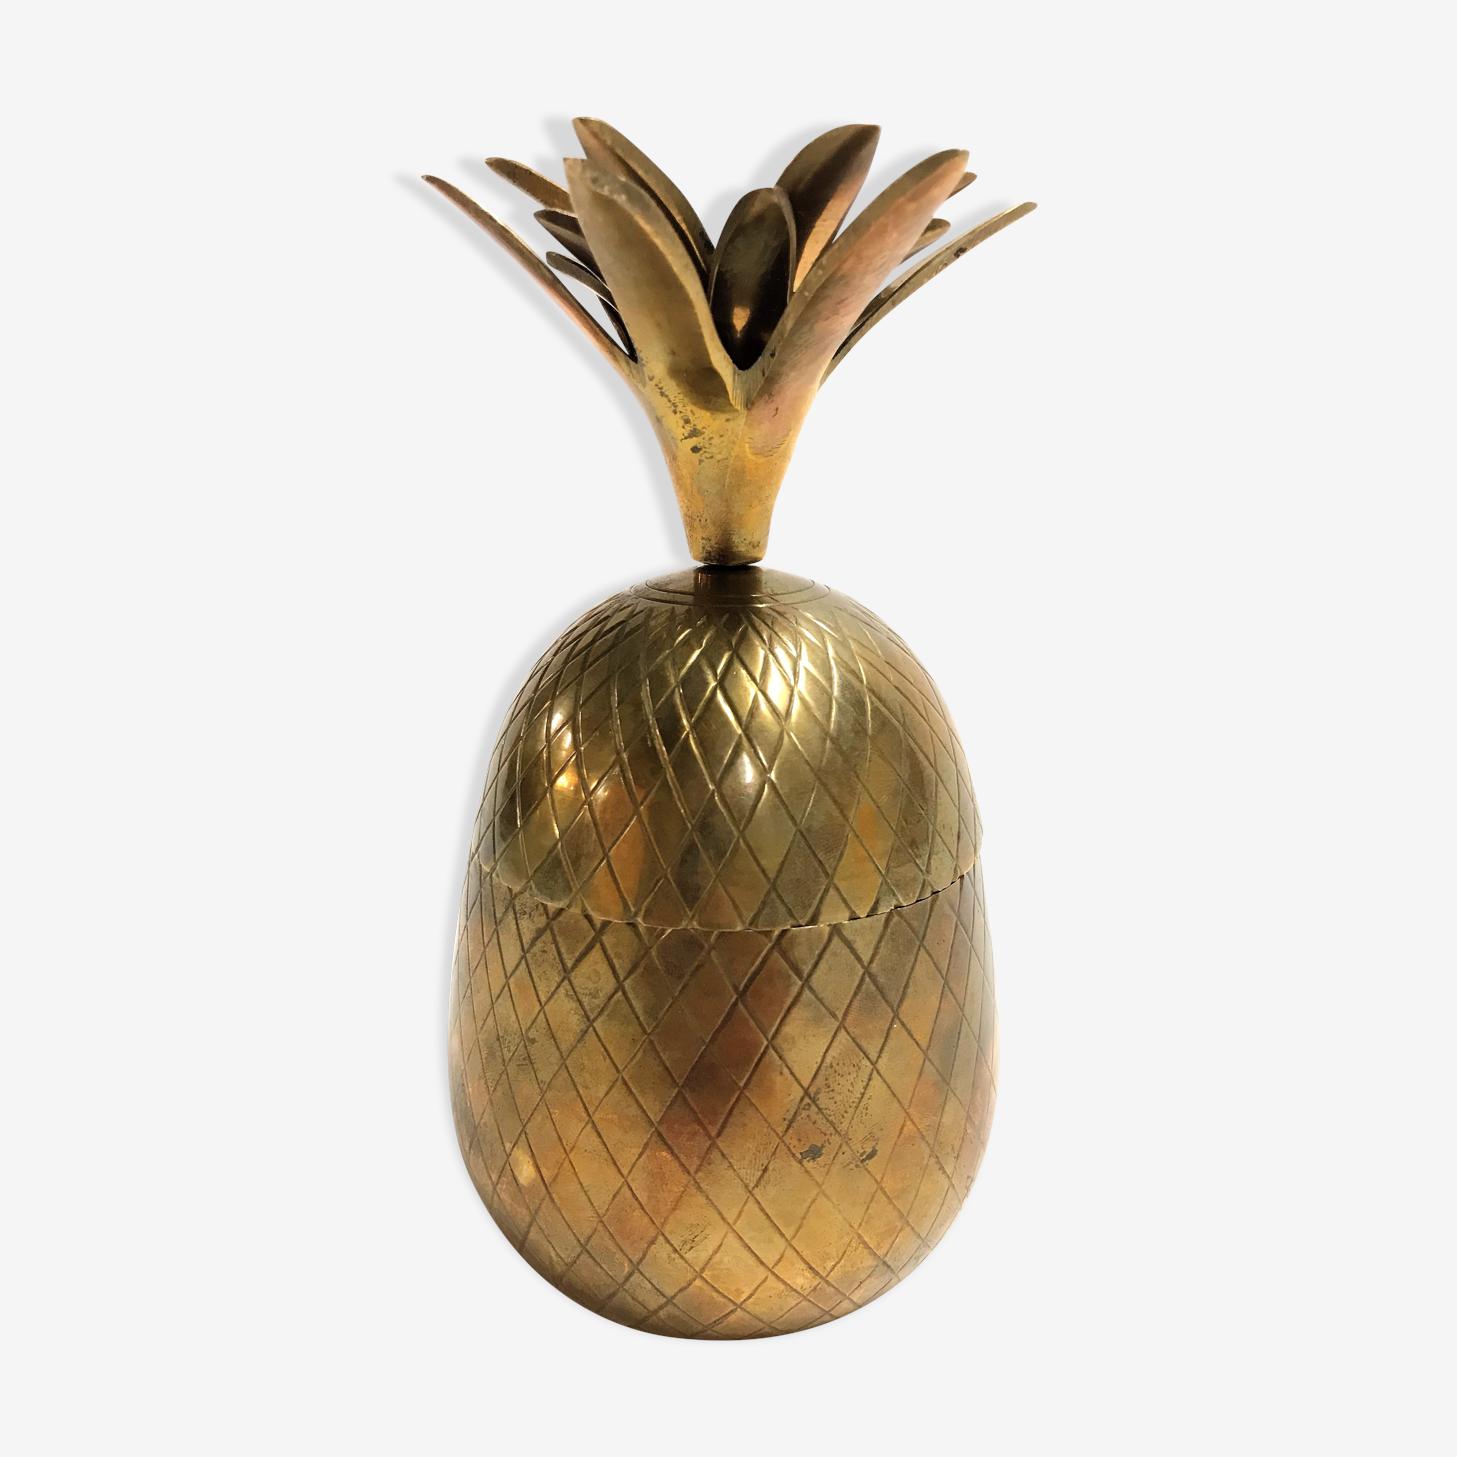 Vintage brass pineapple ice bucket 1970s